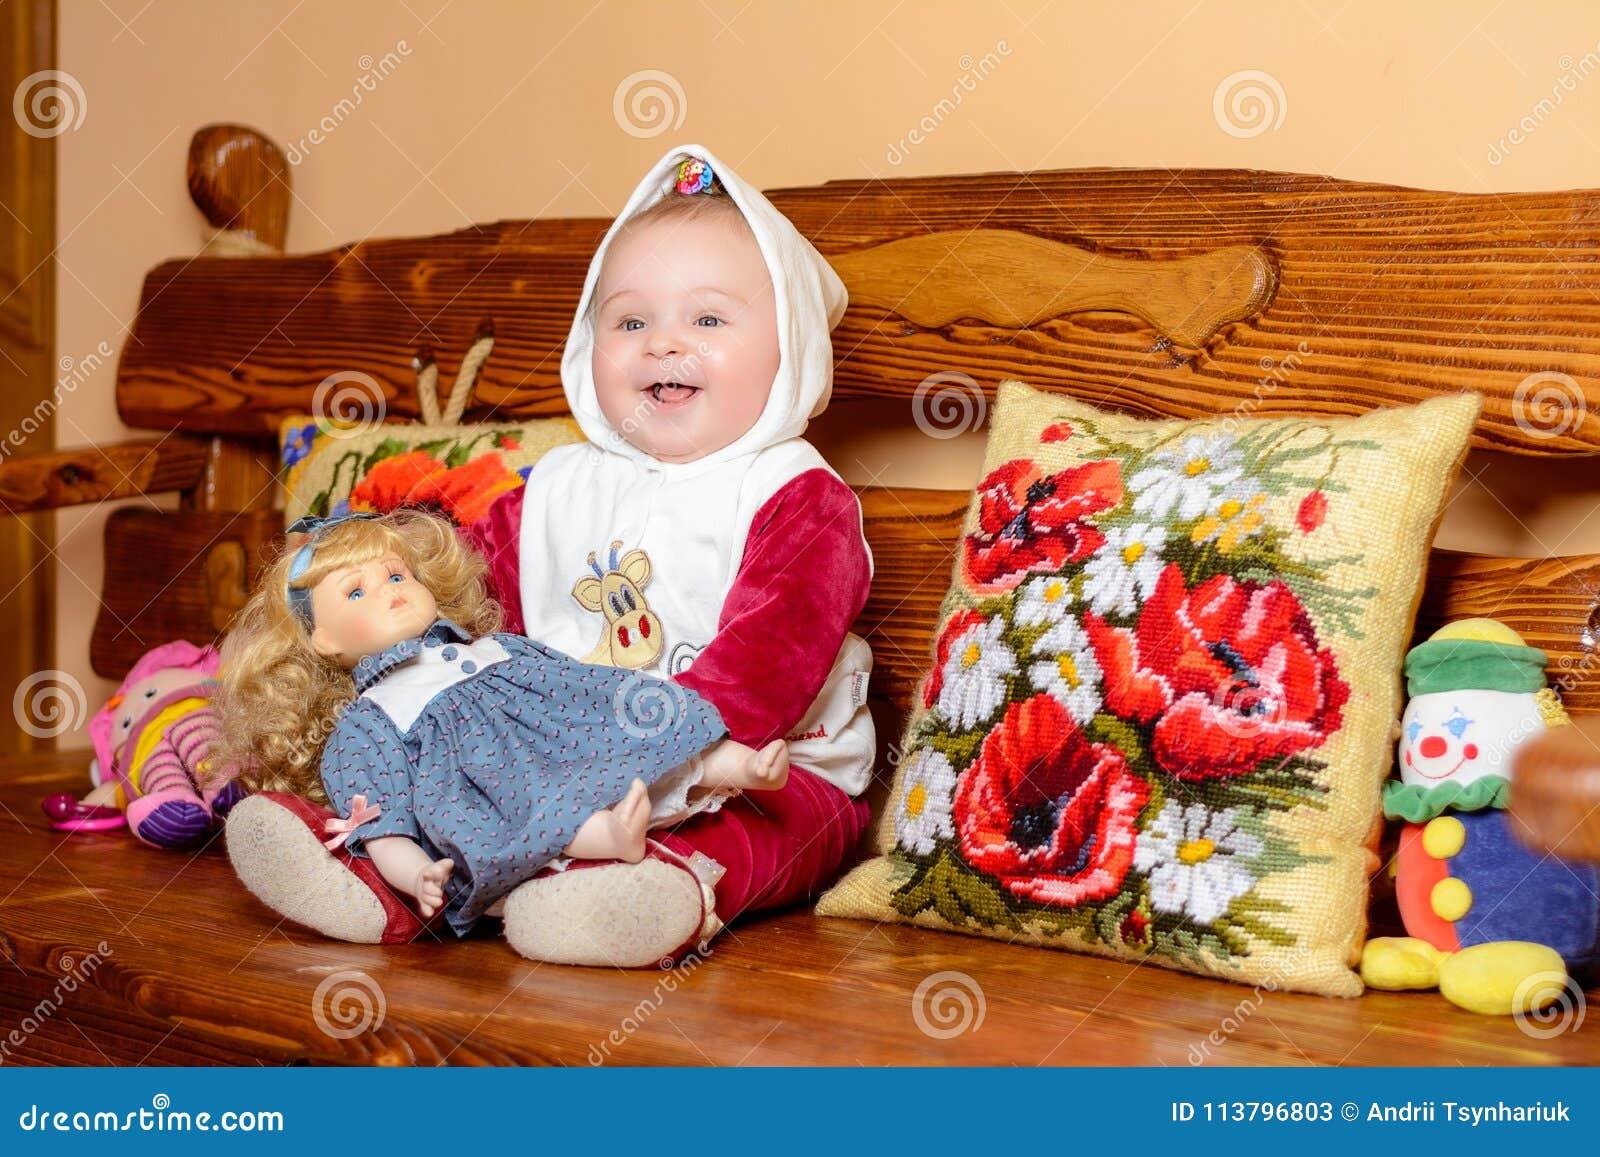 Uma criança pequena em um xaile que senta-se em um sofá com descansos bordados